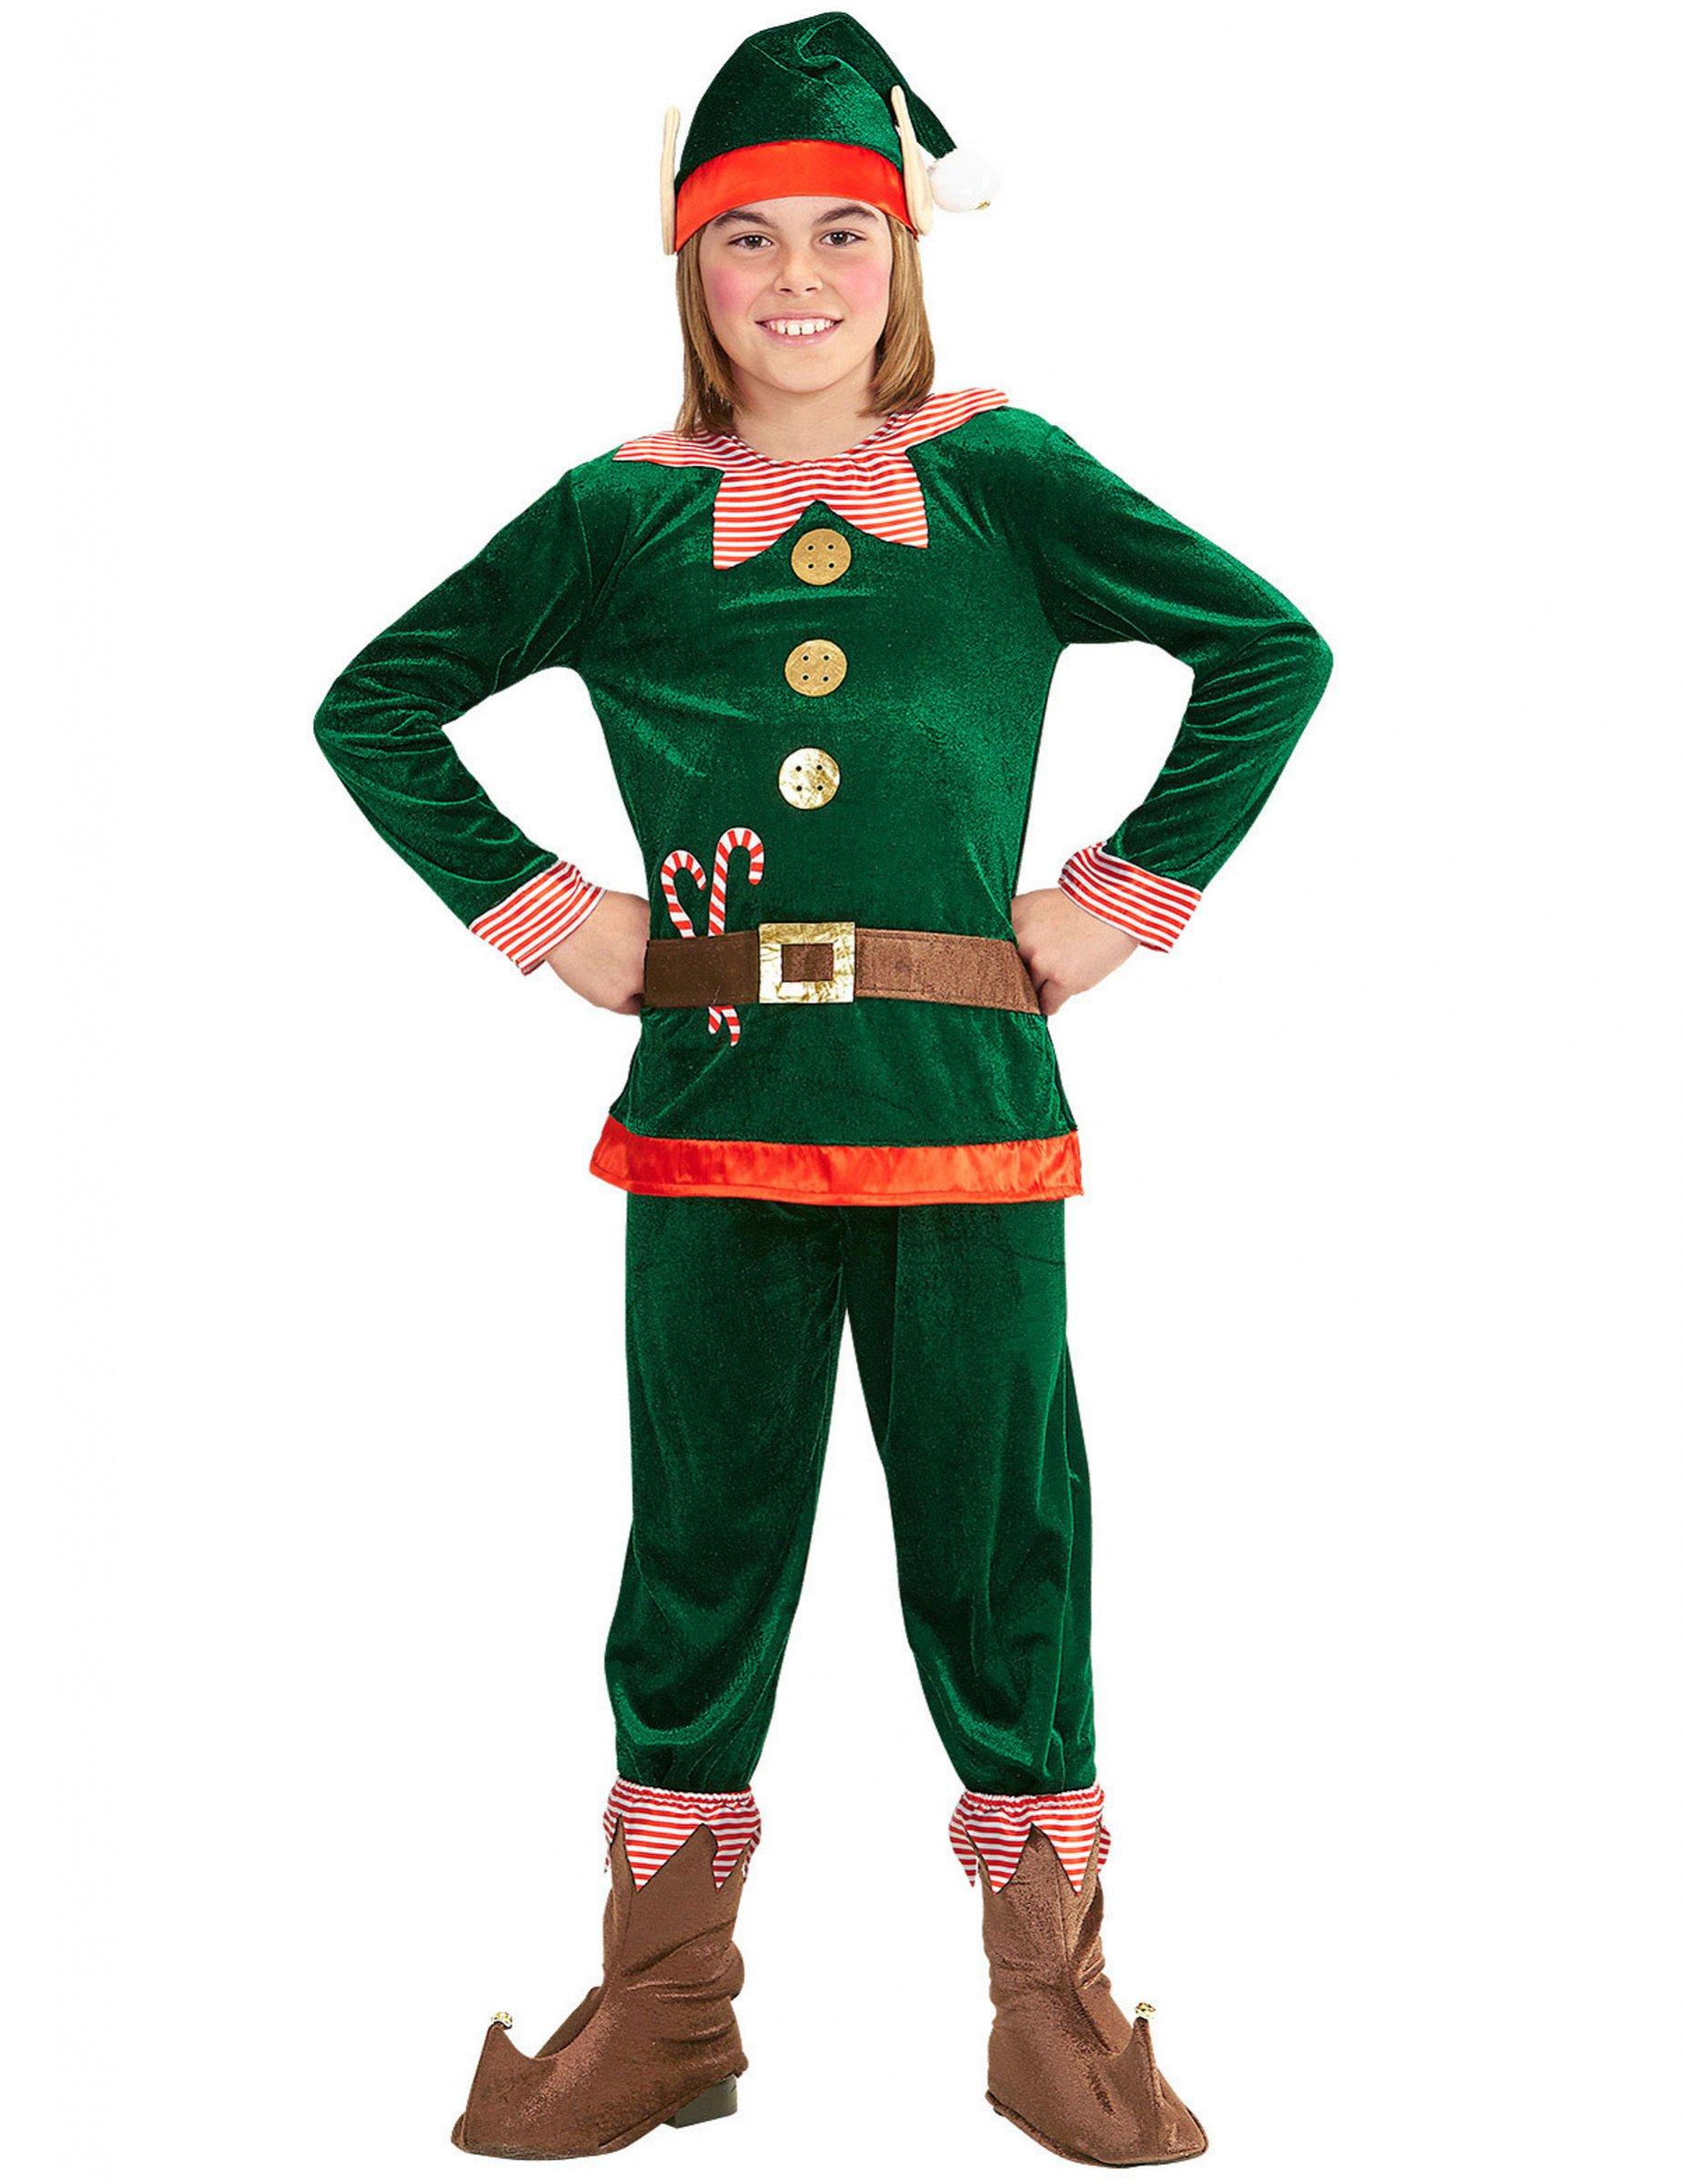 Costume da folletto del Natale per bambino  Costumi bambini 99780fabb63f